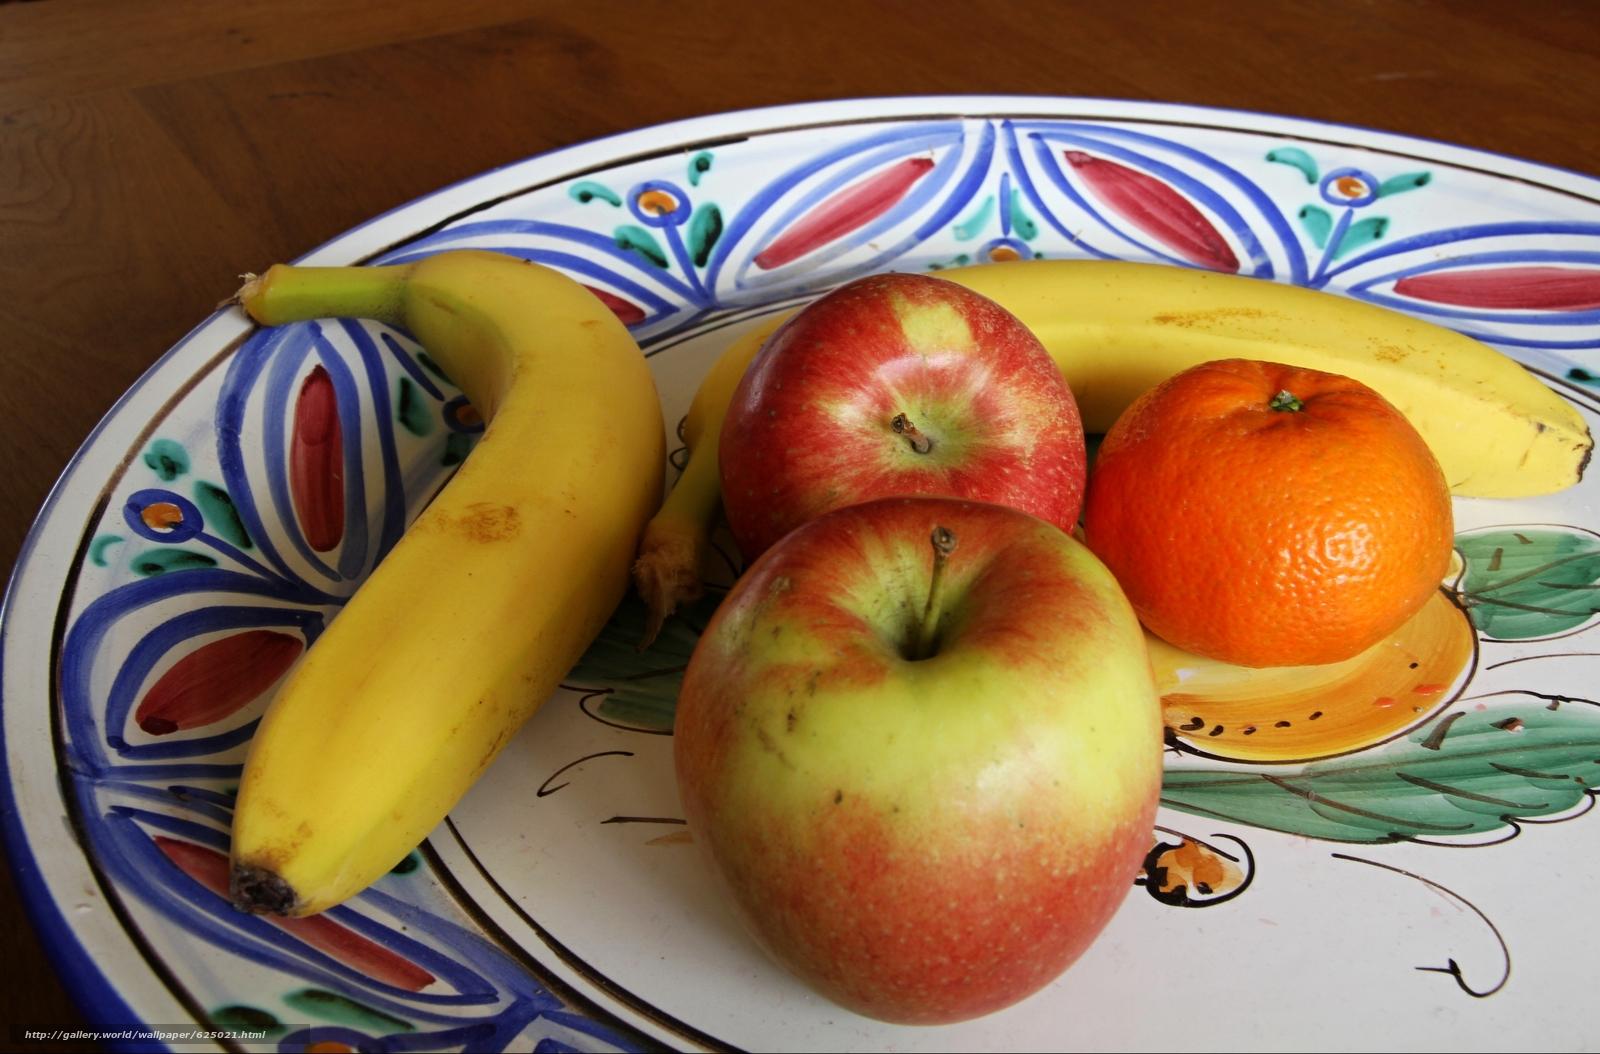 descarca imagini de fundal fel de mâncare,  fruct,  mere,  banană Imagini de fundal gratuite pentru rezoluia desktop 4741x3122 — imagine №625021